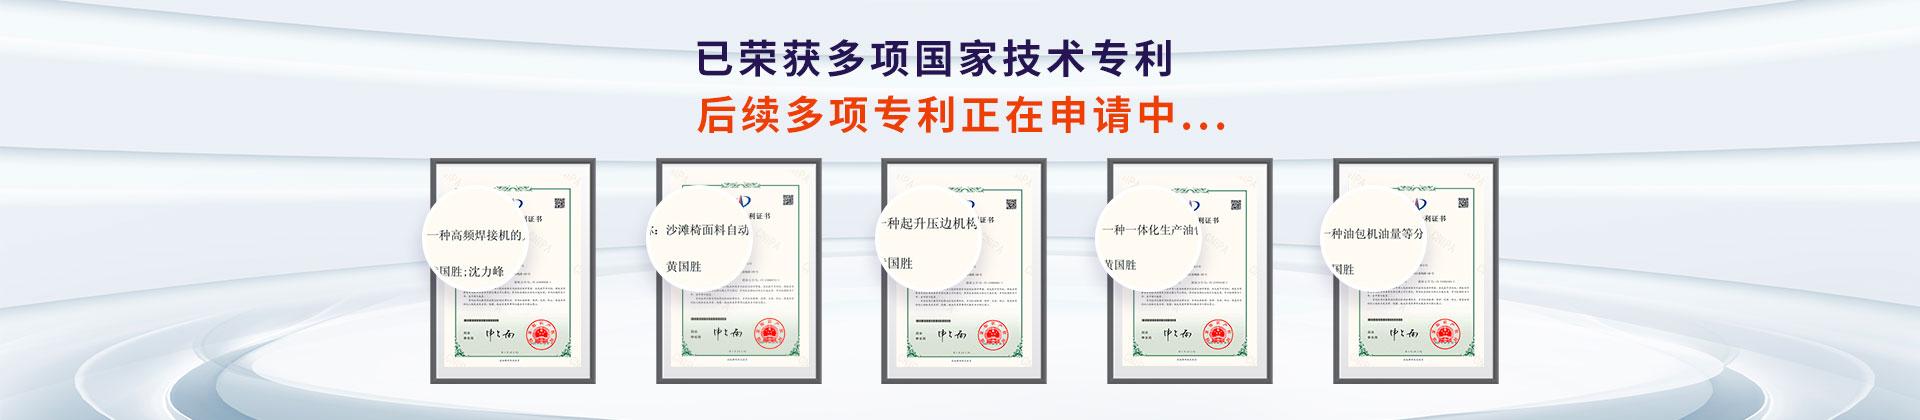 东雄 已荣获多项国家技术专利